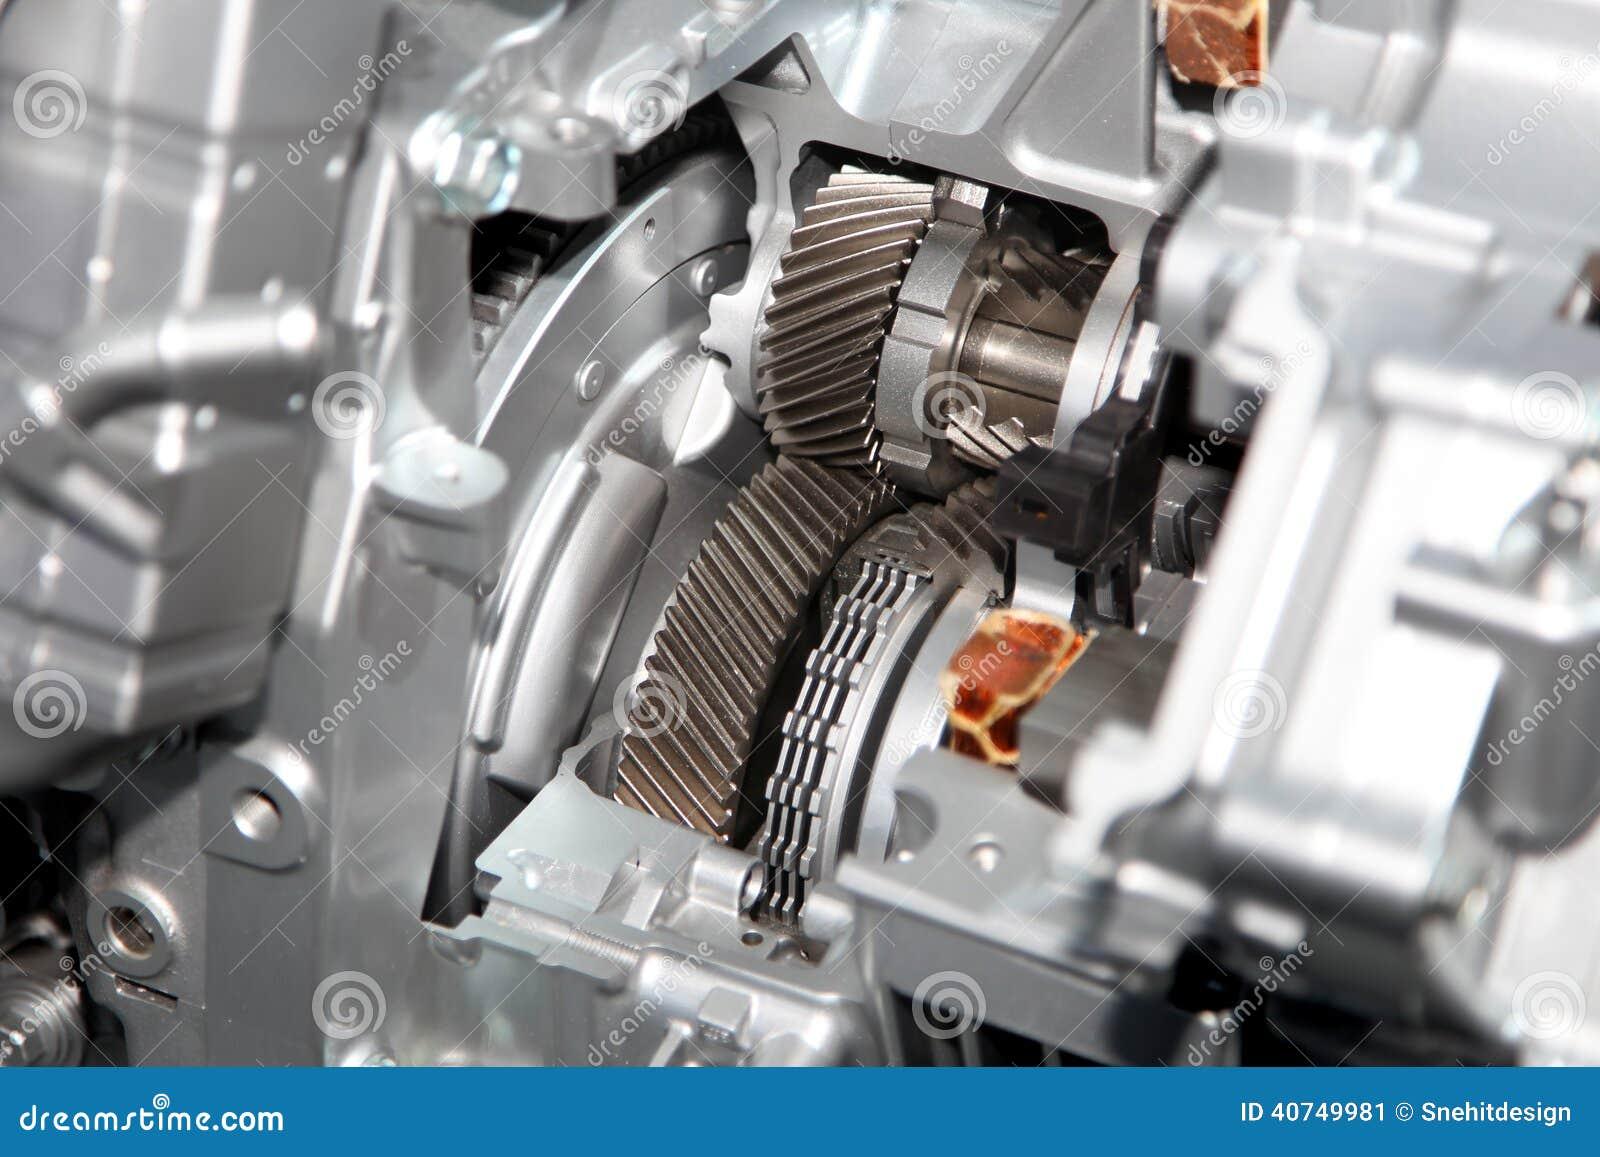 Motor automotriz